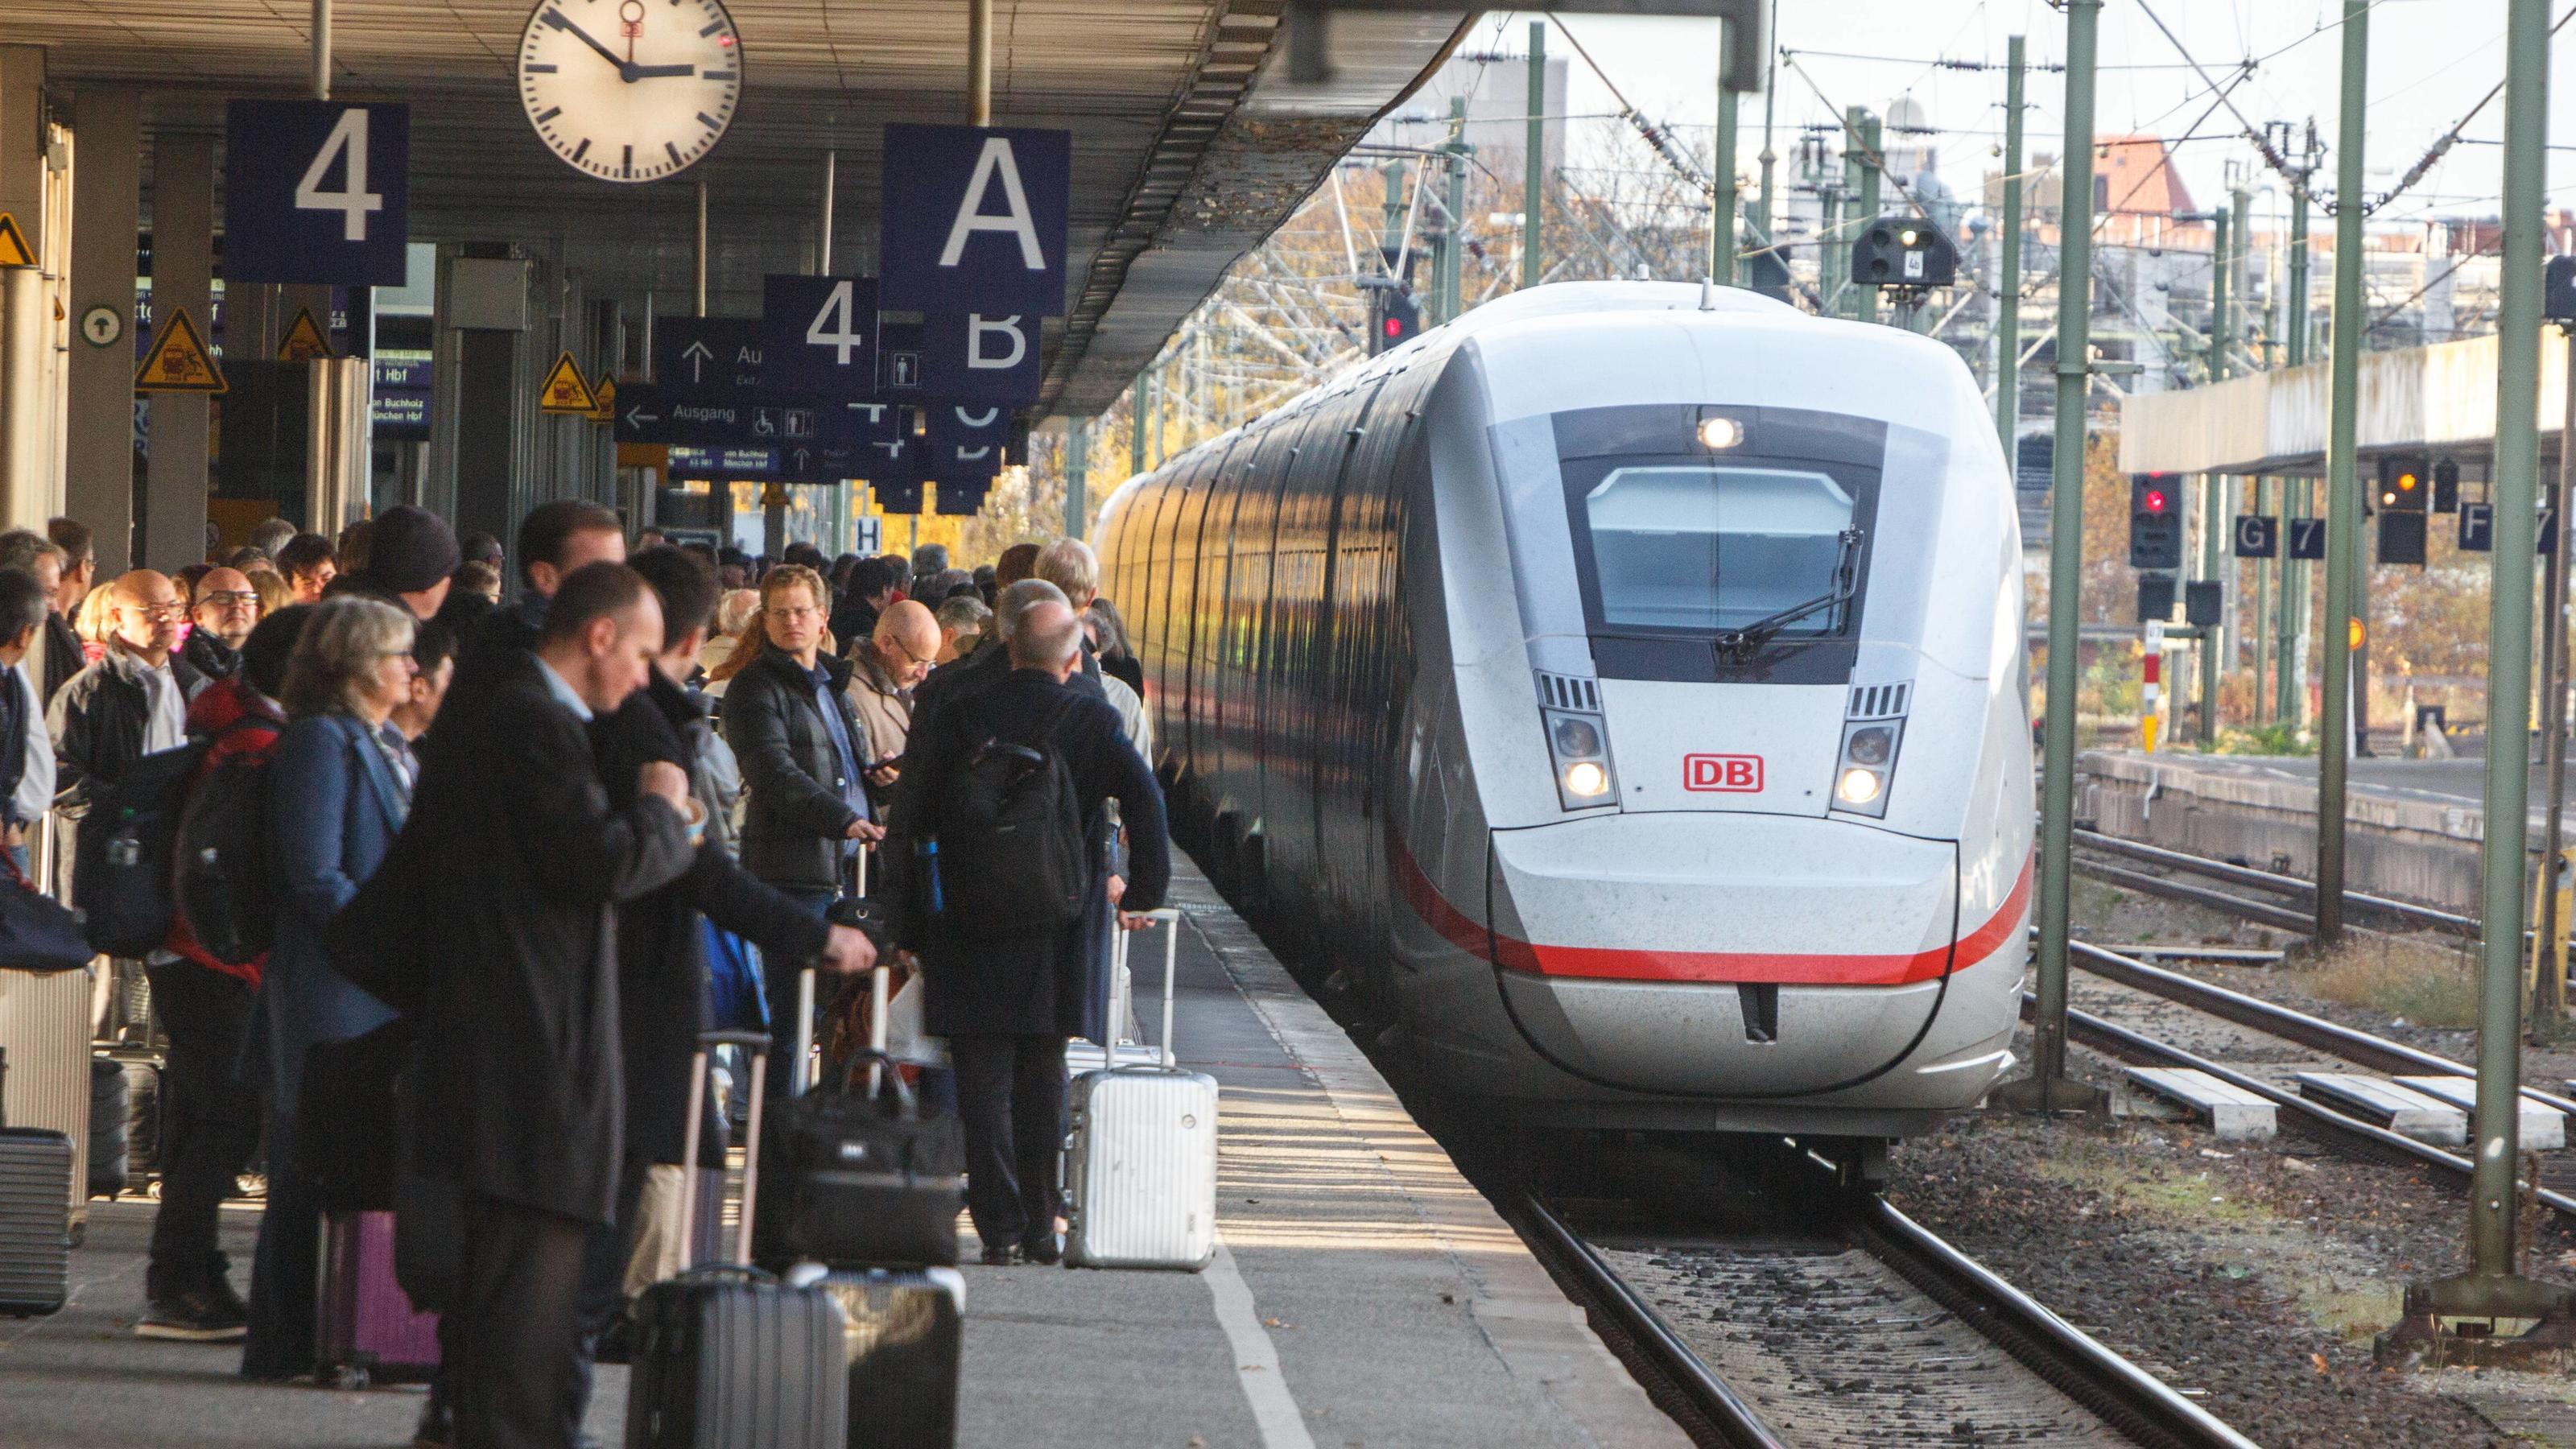 Hannover: Vier couragierte 12-Jährige überwältigen einen Kinder-Schläger (49)